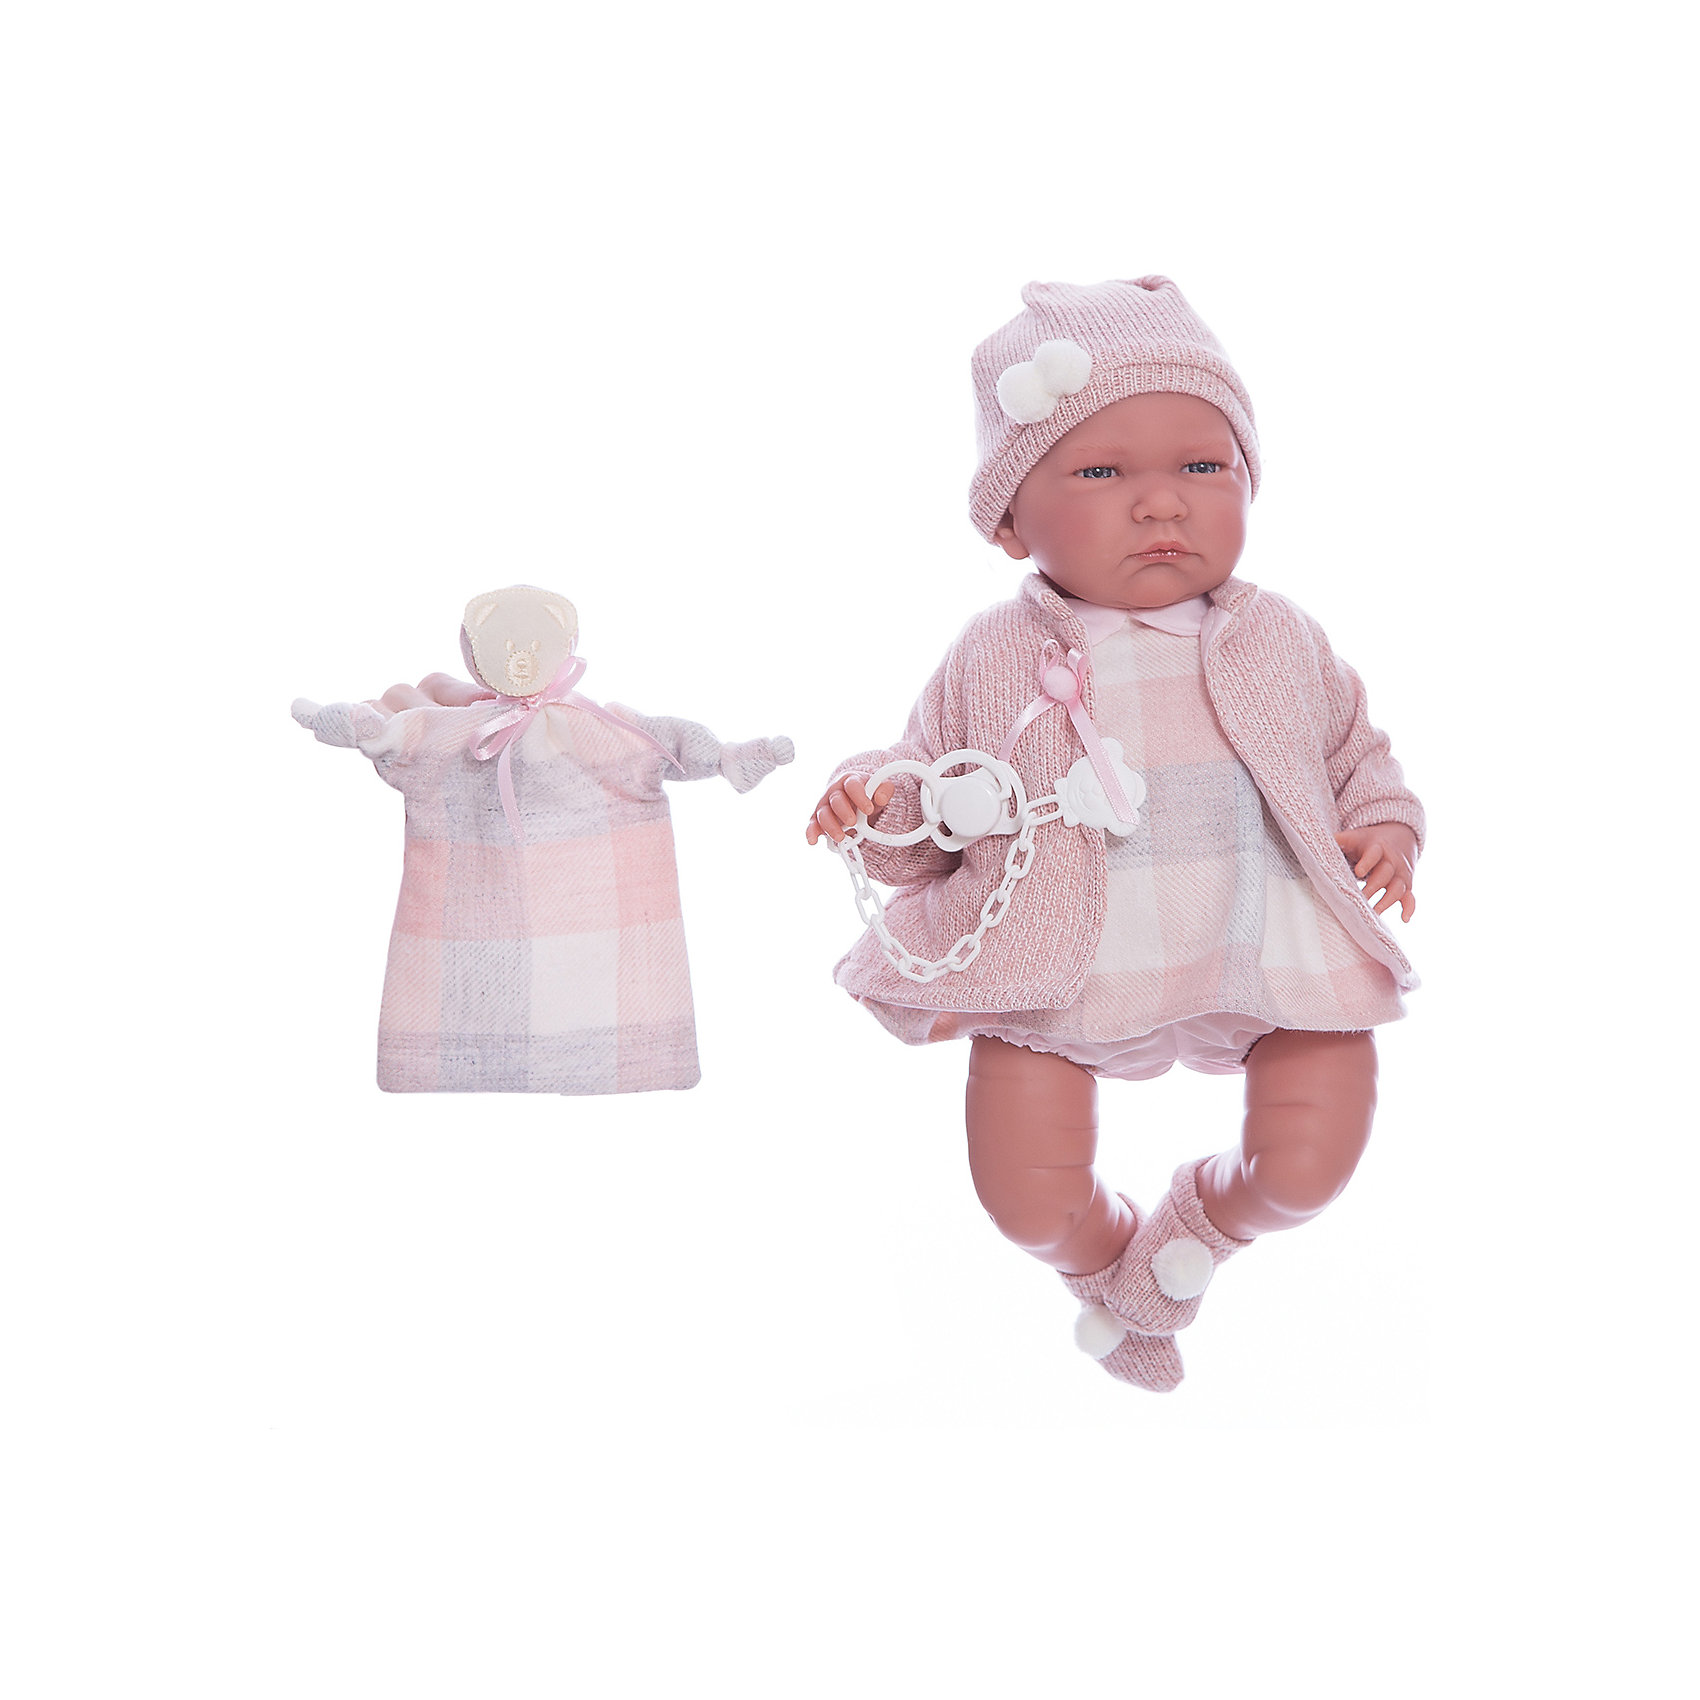 Кукла Лала, 40 см, LlorensКлассические куклы<br>Характеристики:<br><br>• Предназначение: для сюжетно-ролевых игр<br>• Тип куклы: мягконабивная<br>• Пол куклы: девочка <br>• Волосы: прорисованные<br>• Материал: поливинилхлорид, пластик, текстиль<br>• Цвет: розовый, молочный, серый<br>• Высота куклы: 40 см<br>• Комплектация: кукла, платьице, шапочка, кофточка, соска с держателем<br>• Вес: 1 кг 330 г<br>• Размеры упаковки (Д*В*Ш): 23*46*13 см<br>• Упаковка: подарочная картонная коробка <br>• Особенности ухода: допускается деликатная стирка без использования красящих и отбеливающих средств предметов одежды куклы<br><br>Кукла Лала Роза 40 см без звука – пупс, производителем которого является всемирно известный испанский кукольный бренд Llorens. Куклы этой торговой марки имеют свою неповторимую внешность и целую линейку образов как пупсов, так и кукол-малышей. Игрушки выполнены из сочетания поливинилхлорида и пластика, что позволяет с высокой долей достоверности воссоздать физиологические и мимические особенности маленьких детей. При изготовлении кукол Llorens используются только сертифицированные материалы, безопасные и не вызывающие аллергических реакций. Волосы у кукол-пупсов прорисованные; ручки и ножки двигаются.<br>Кукла Лала Роза 40 см без звука выполнена в образе малышки: голубые глазки и пухлые щечки создают невероятно очаровательный и милый образ. В комплект одежды входит клетчатое платьице с отложным воротничком, розовая кофточка из меланжевой пряжи розового цвета, шапочка и носочки. В наборе имеется пустышка с цепочкой-держателем и текстильный аксессуар с аппликацией в виде мишки.<br>Кукла Лала Роза 40 см без звука – это идеальный вариант для подарка к различным праздникам и торжествам.<br><br>Куклу Лалу Розу 40 см без звука можно купить в нашем интернет-магазине.<br><br>Ширина мм: 23<br>Глубина мм: 46<br>Высота мм: 13<br>Вес г: 1330<br>Возраст от месяцев: 36<br>Возраст до месяцев: 84<br>Пол: Женский<br>Возраст: Детский<br>SKU: 5086931